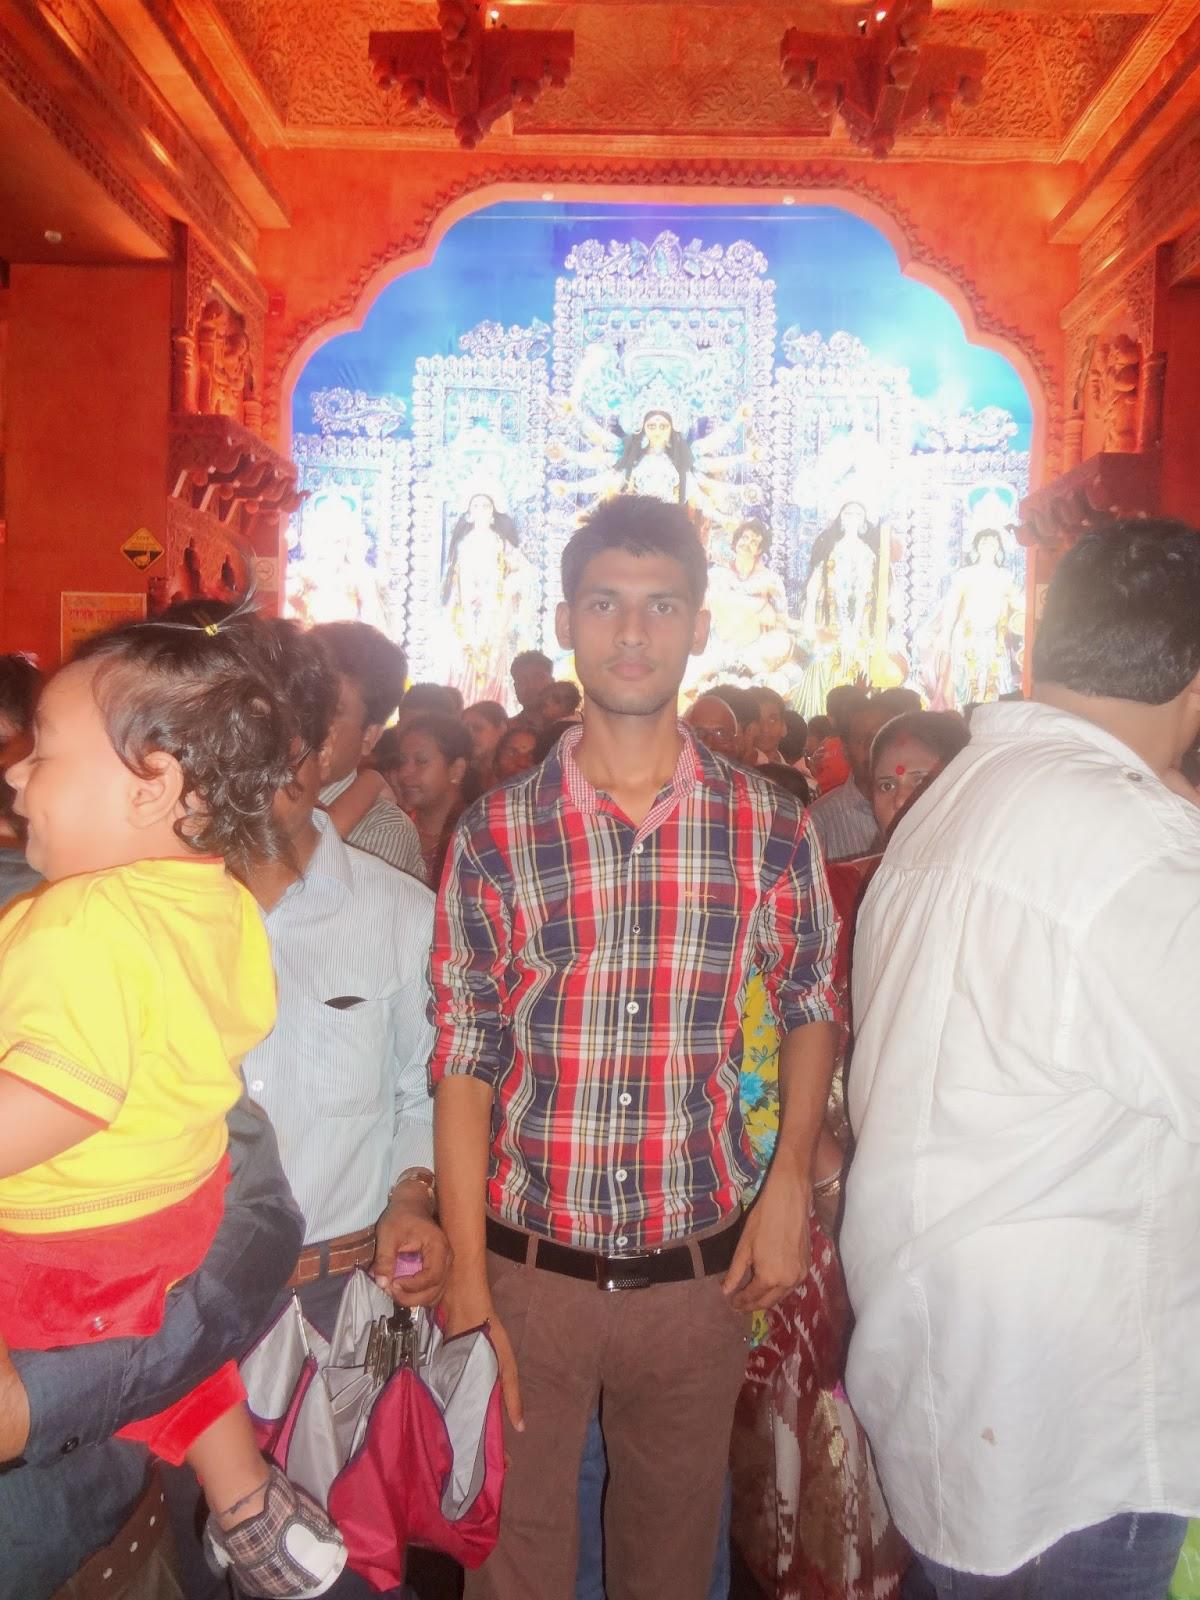 Anshu Dikshant at Durga Puja (Vijaya Dashami), Kolkata